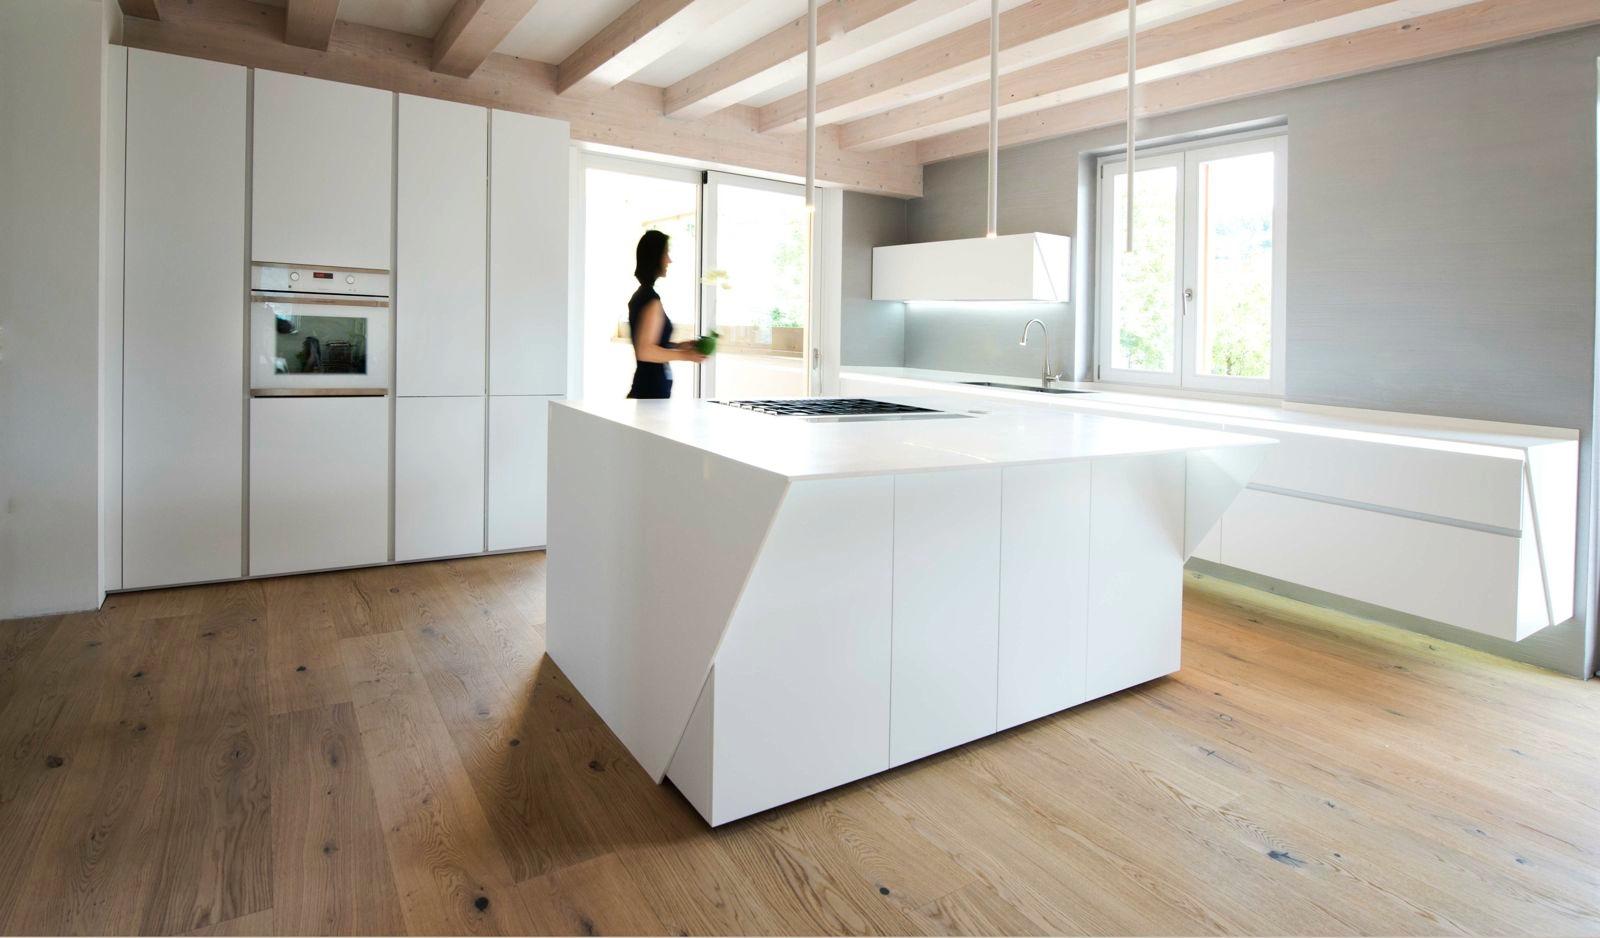 Cucina design 2 for Design cucina